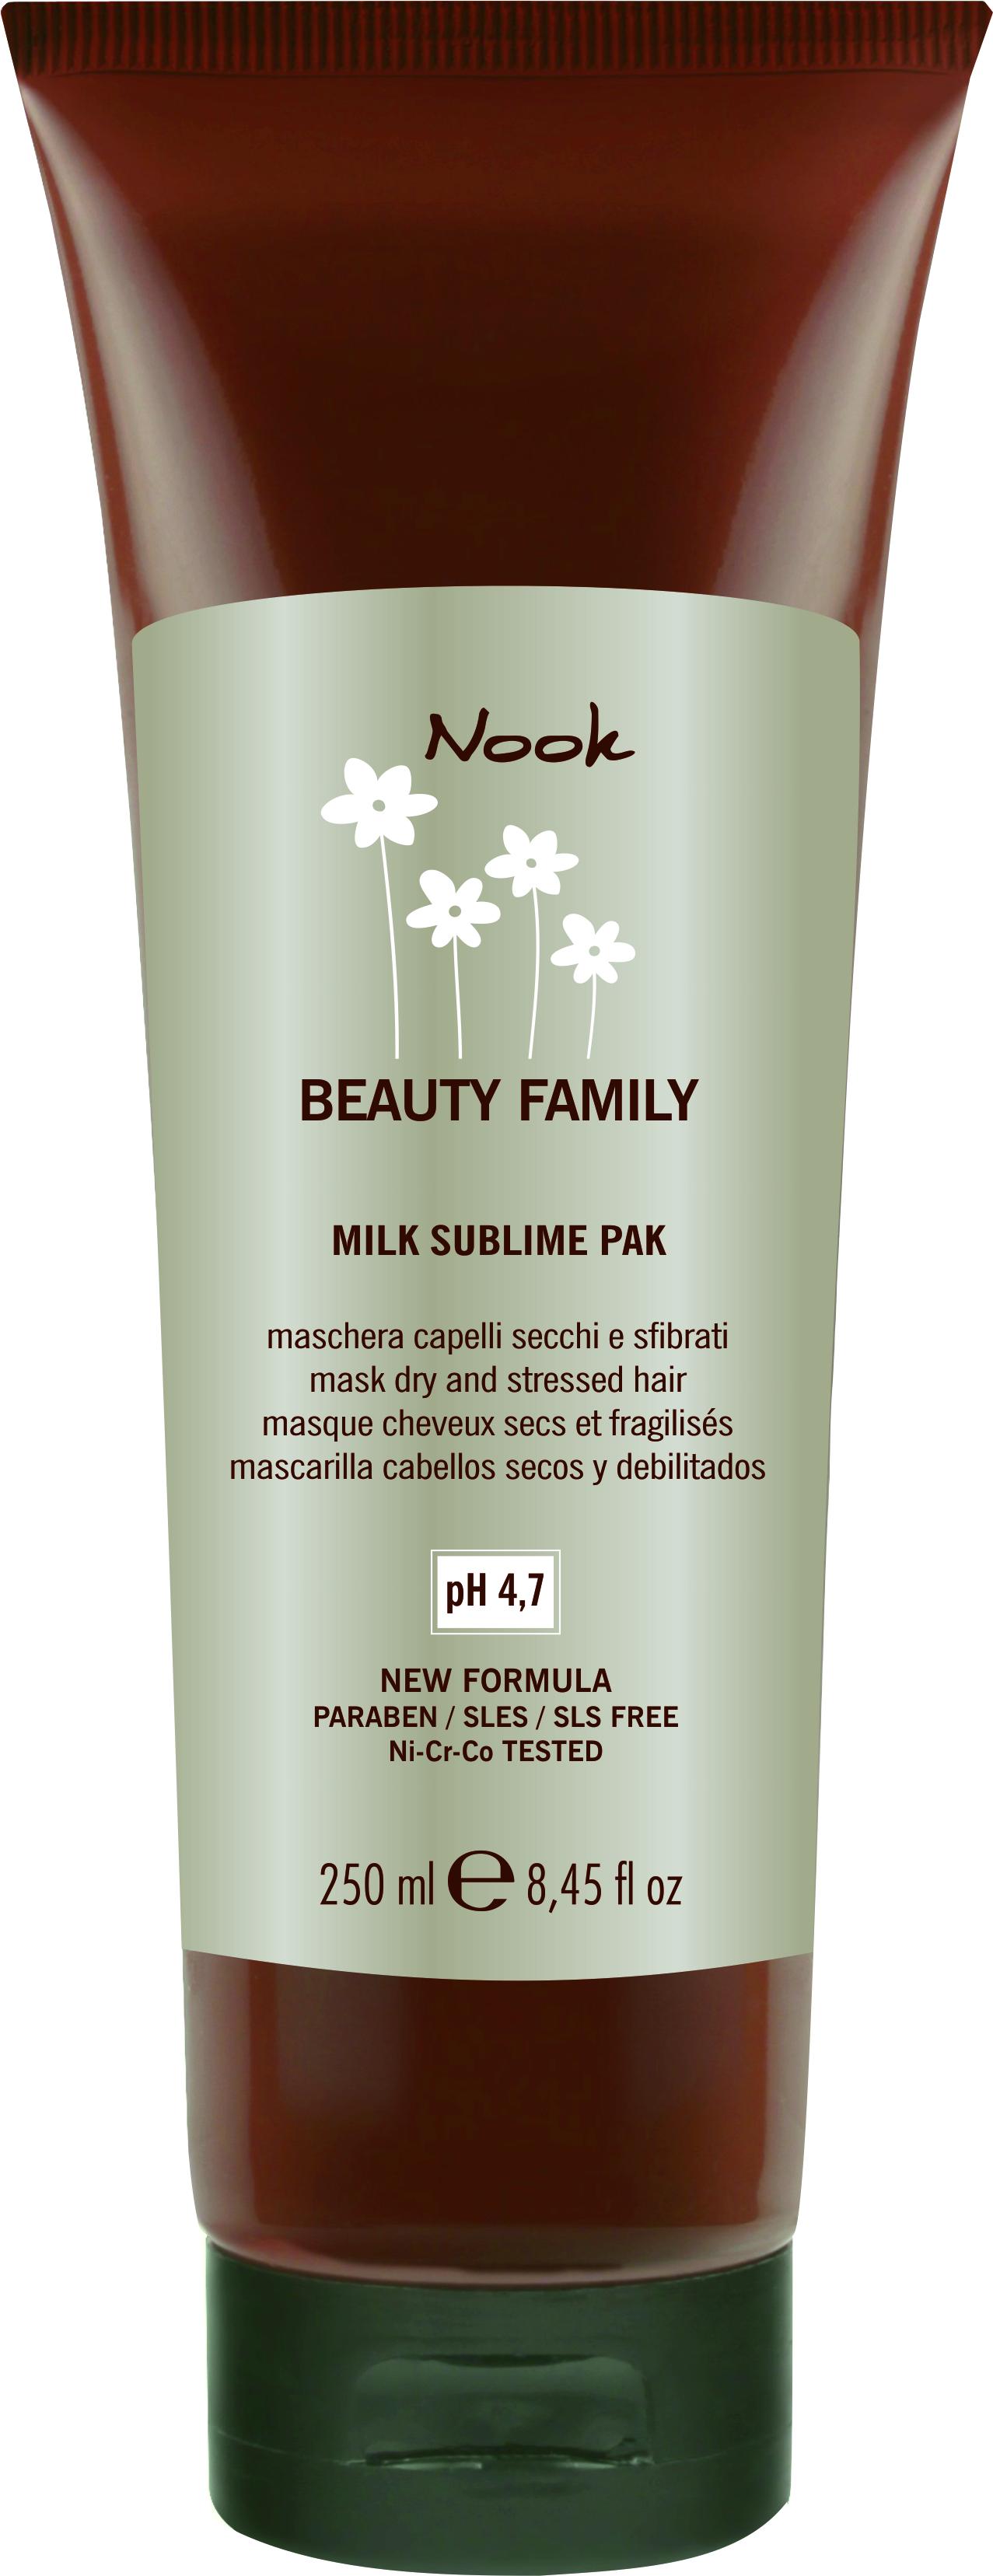 NOOK Маска для поврежденных волос Ph 4,7 / Milk Sublime Pak BEAUTY FAMILY 250 мл